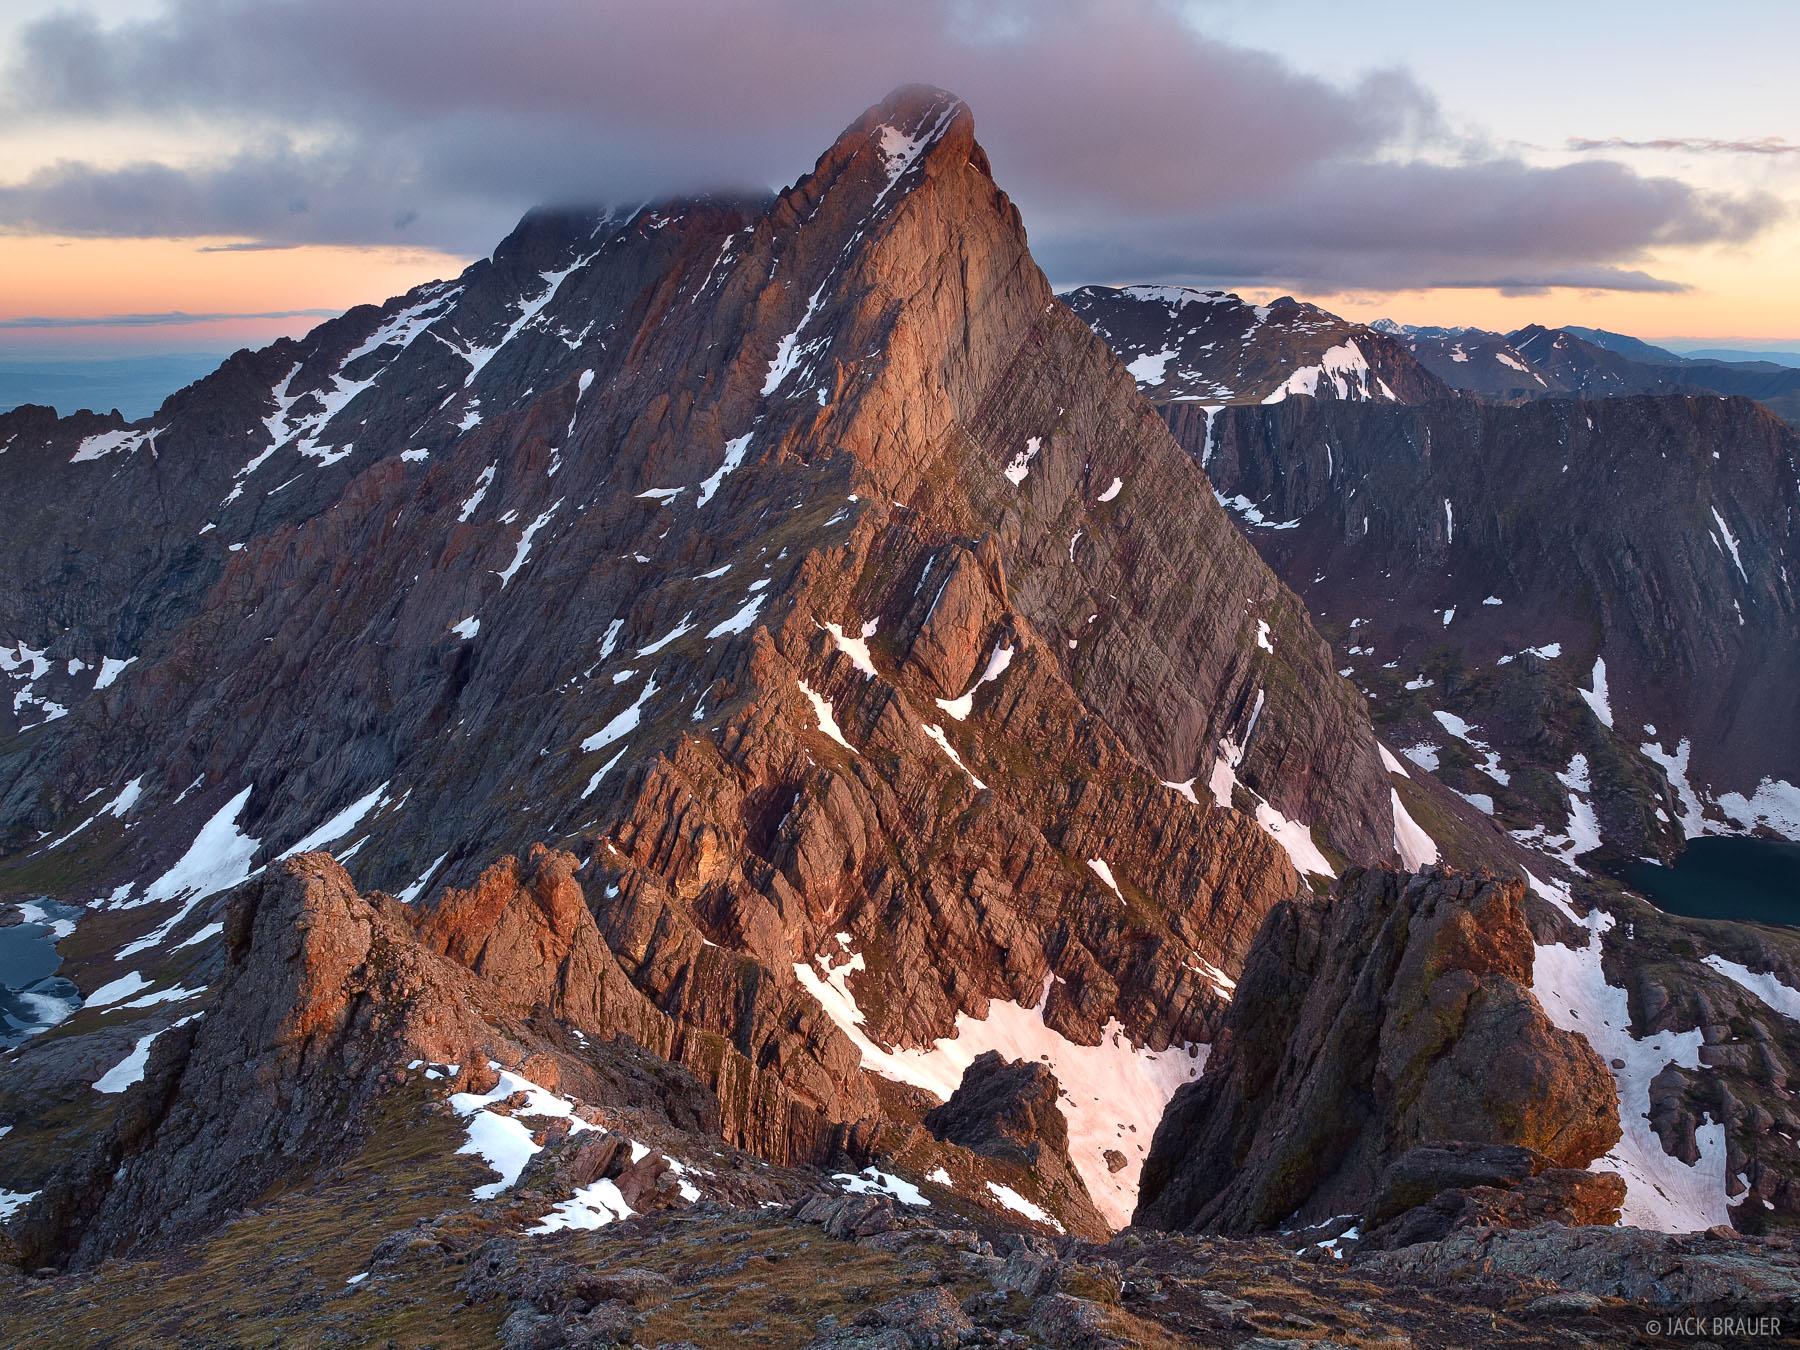 Crestone Needle, Broken Hand Peak, Sangre de Cristos, Colorado, Sangre de Cristo Wilderness, photo